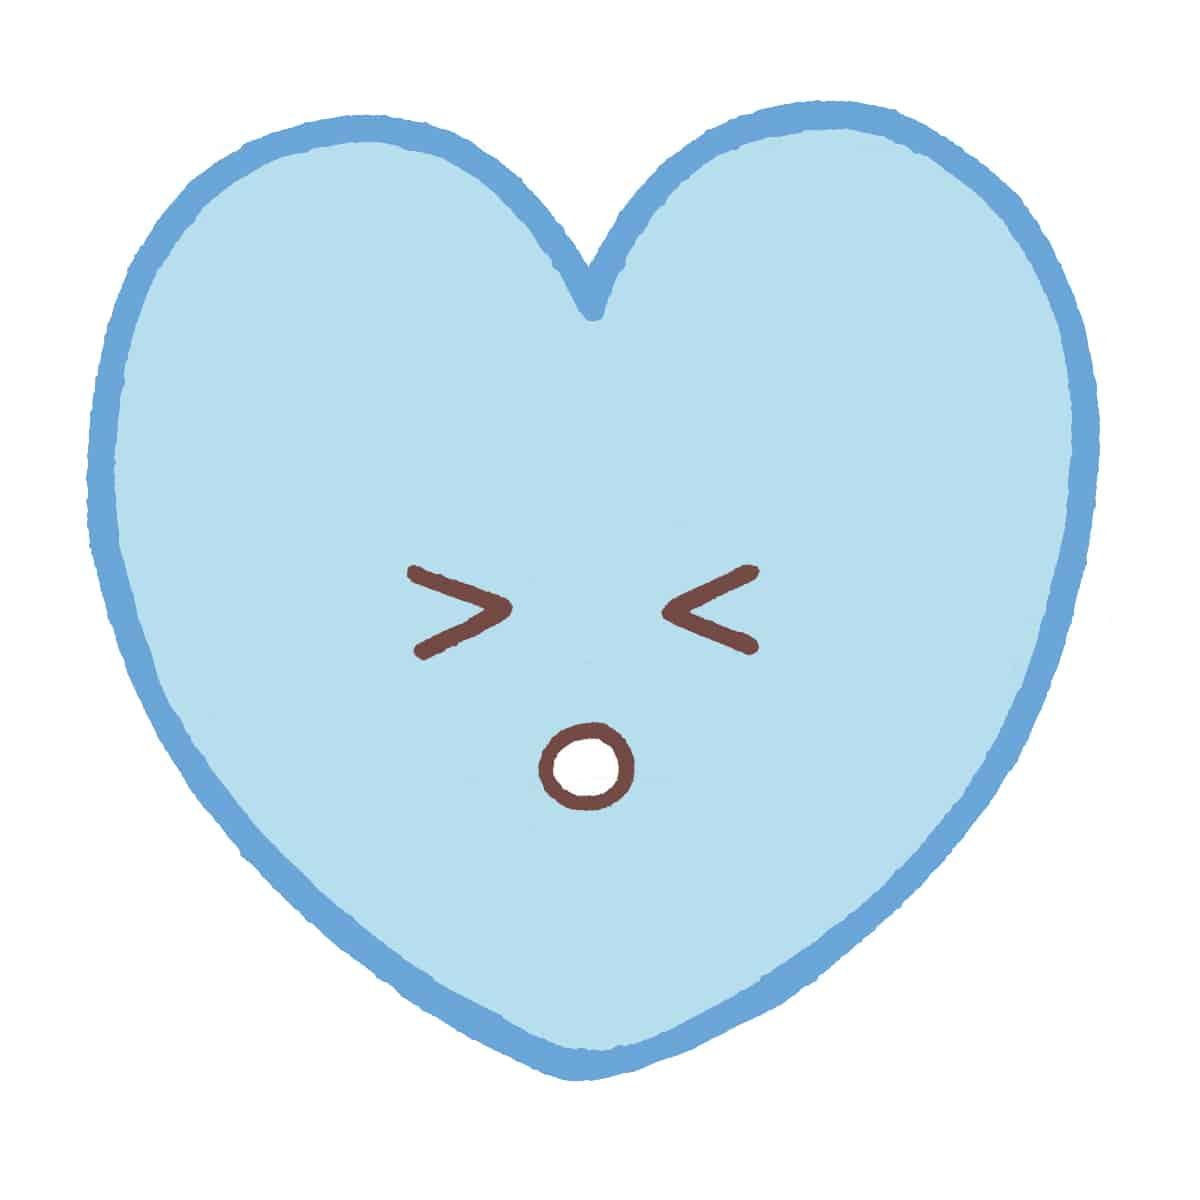 481876 - 【心臓病とは何かをわかりやすく】一般の方が知らない心臓病の真実とは?